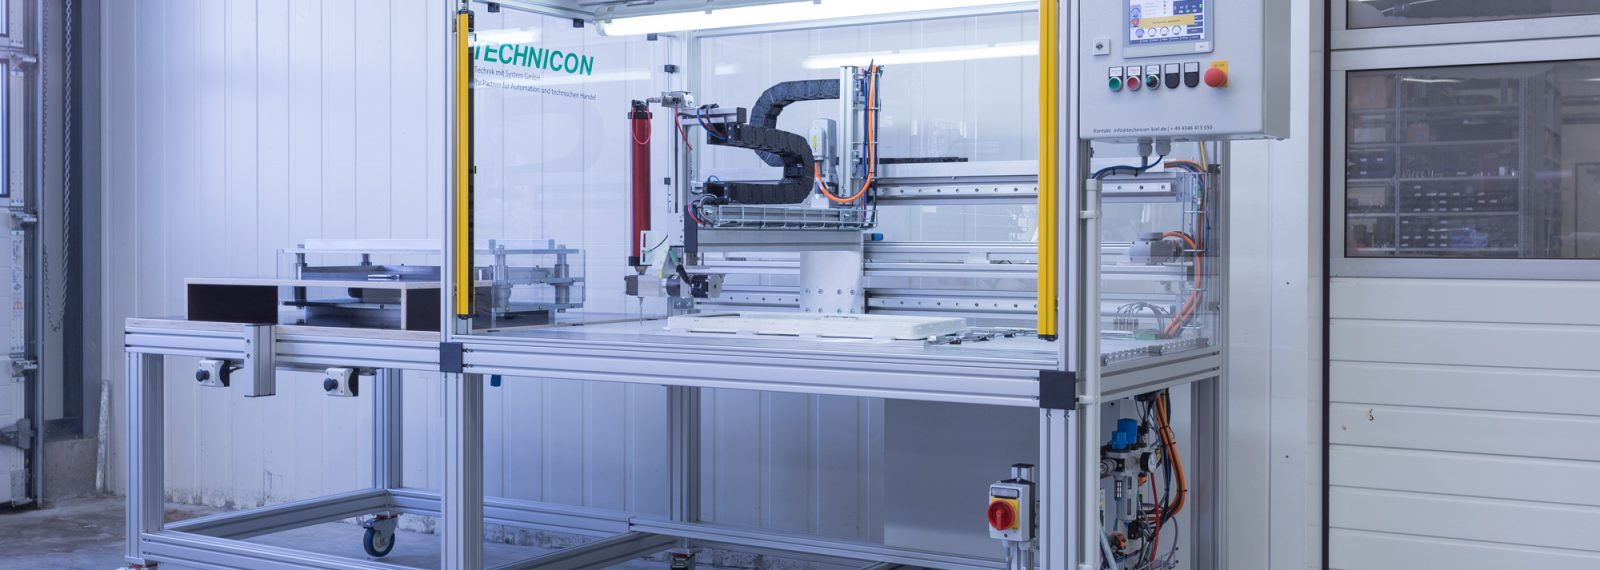 CNC adhesive sealant dispensing kontur klebstoffauftrag